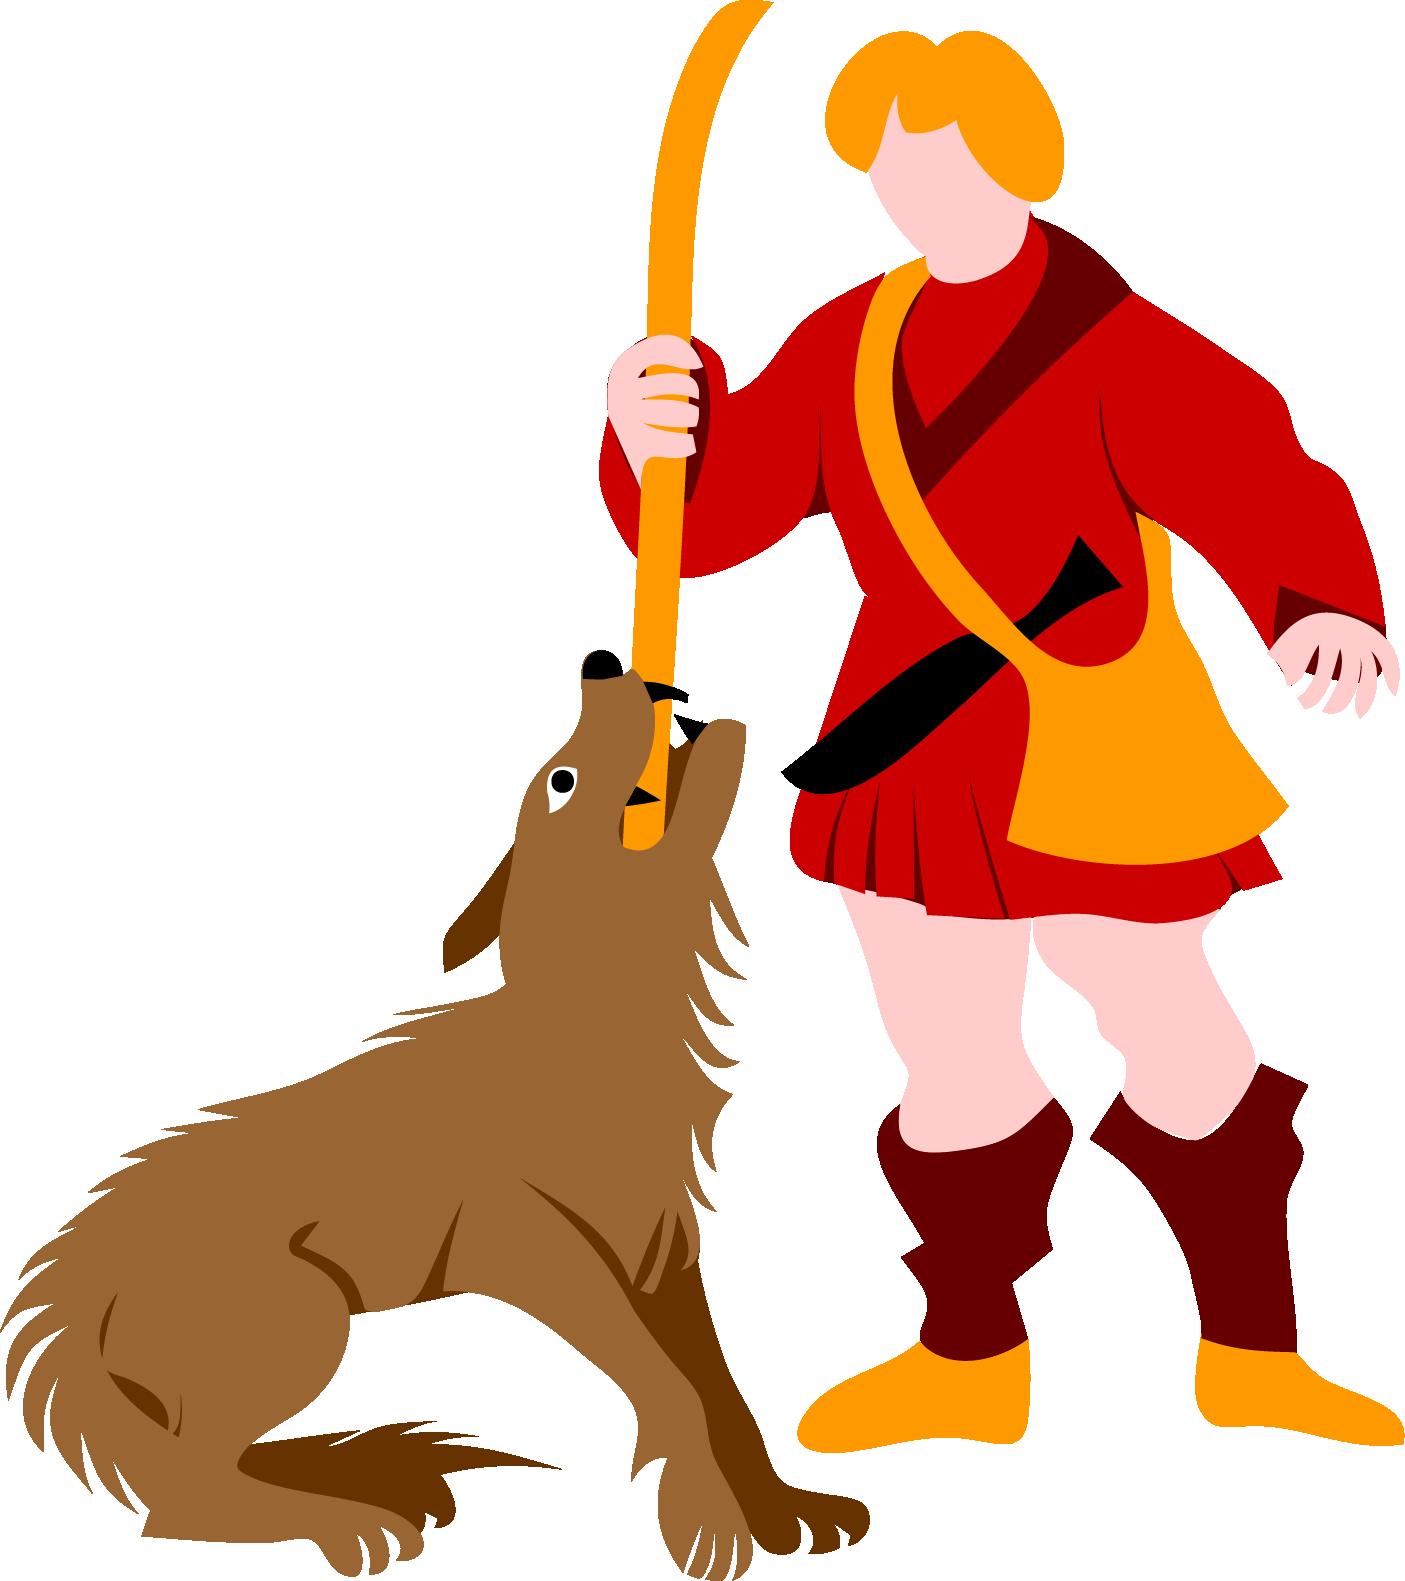 Wappenzeichen für Wülfrath